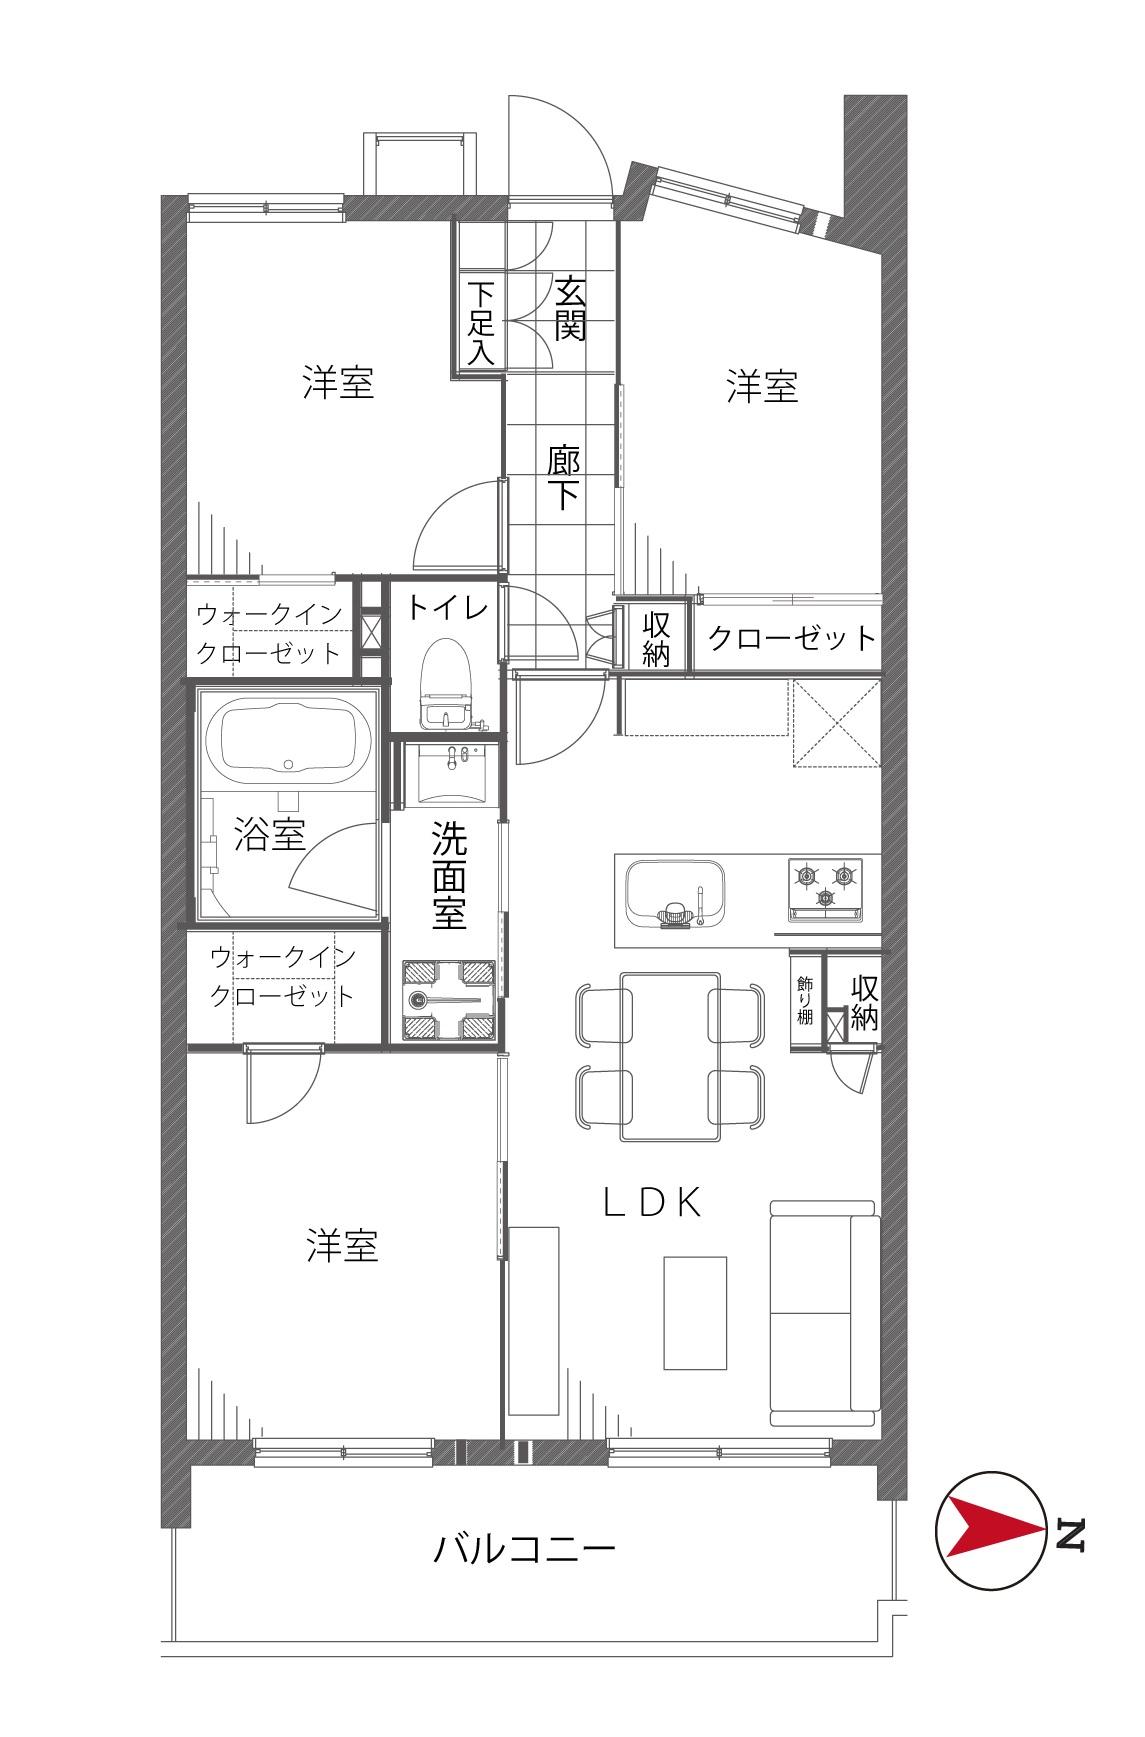 菊川 子育て世帯に住みよい暮らし 間取り図